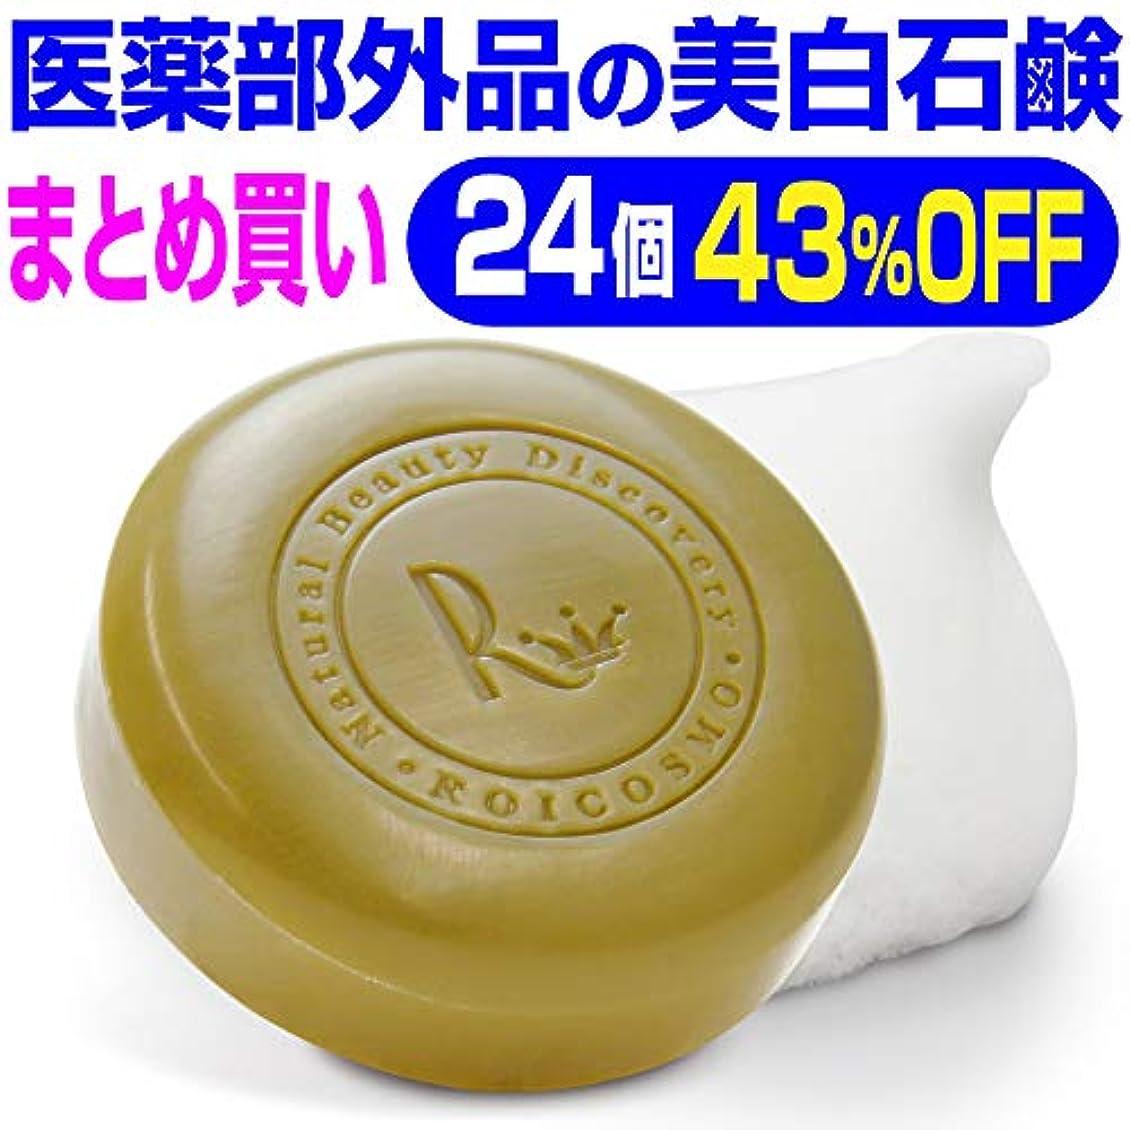 野な外交問題議題24個まとめ買い43%OFF 美白石鹸/ビタミンC270倍の美白成分配合の 洗顔石鹸『ホワイトソープ100g×24個』